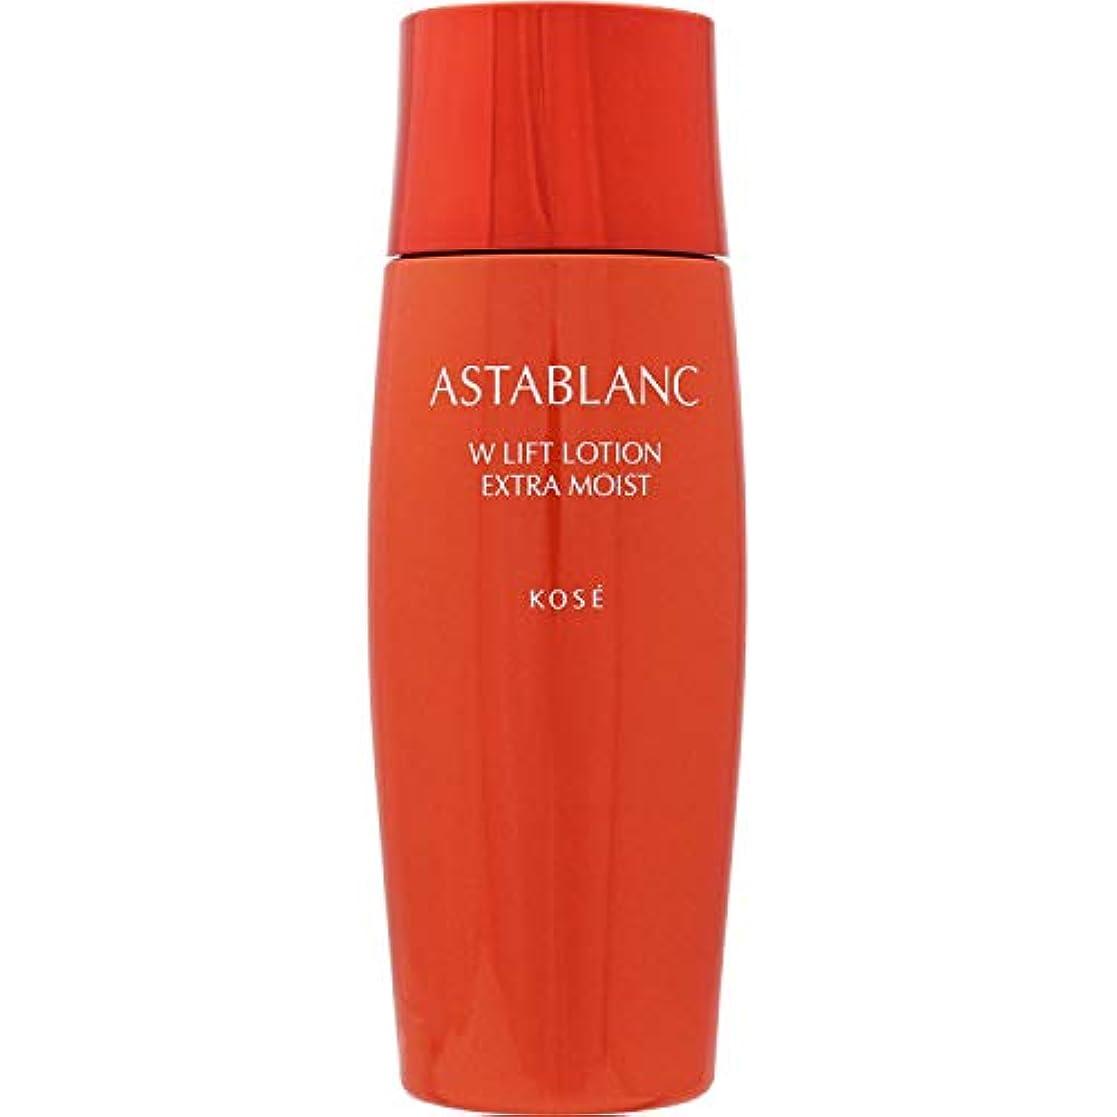 エイリアスいいね気配りのあるASTABLANC(アスタブラン) アスタブラン Wリフト ローション とてもしっとり 化粧水 140mL